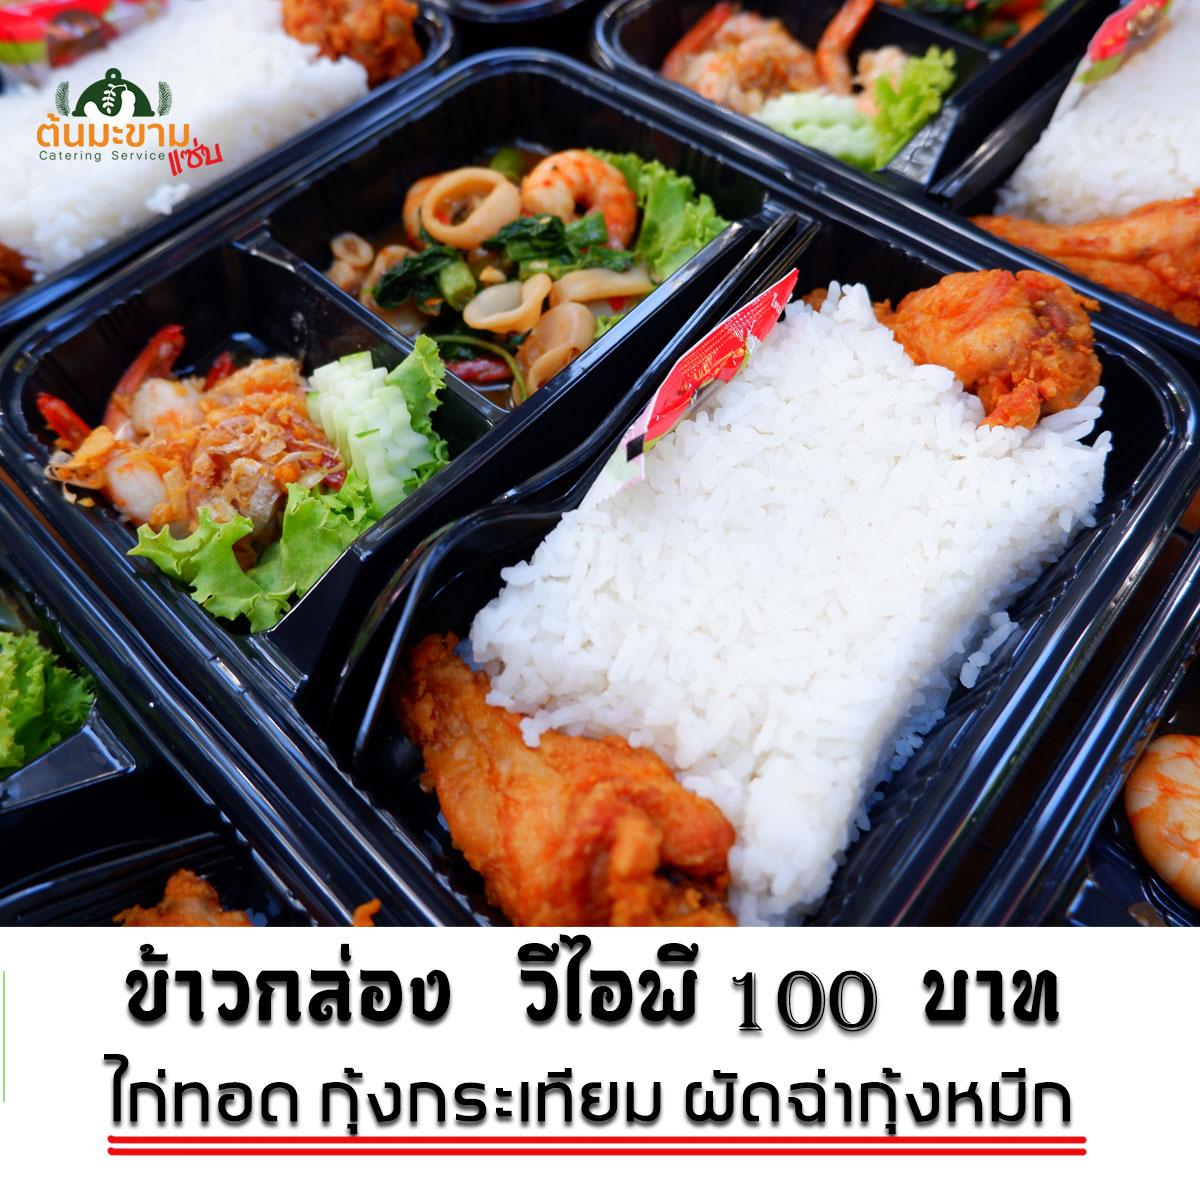 รับทำข้าวกล่อง VIP อร่อยๆและน่ากินส่ง ซอยวัดด่านสำโรง สมุทรปราการ